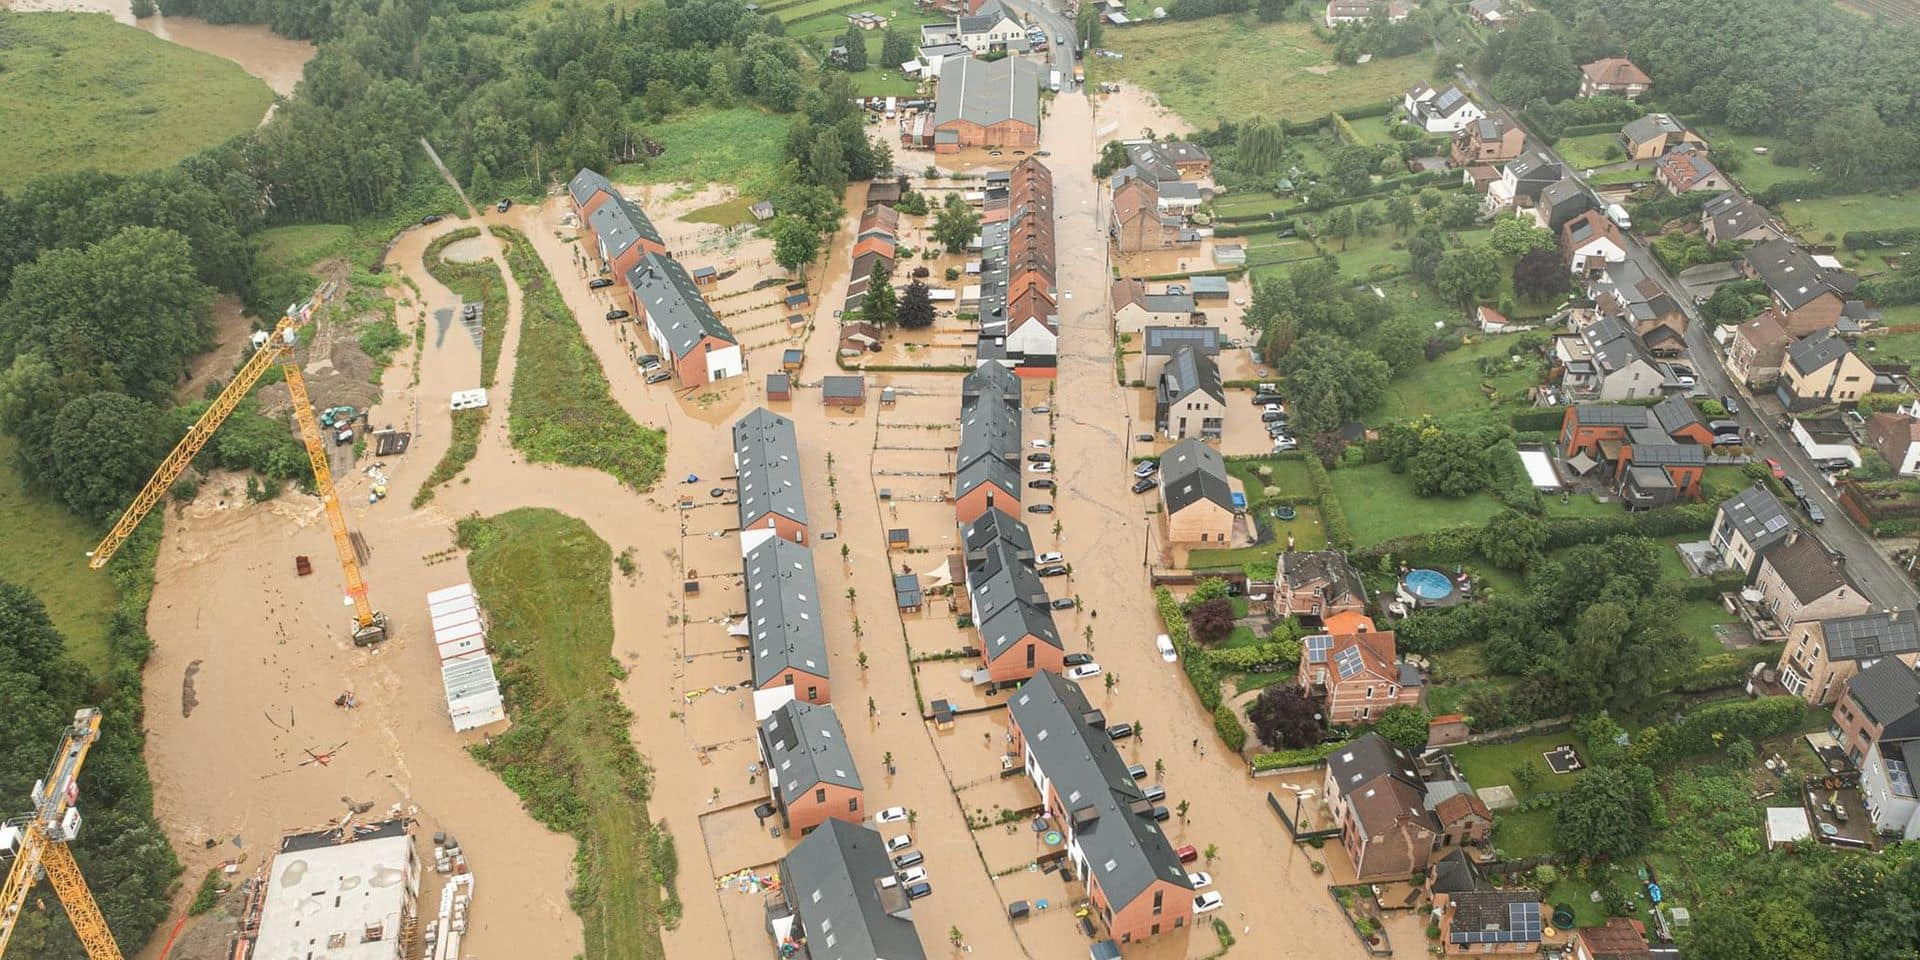 Inondations : les eaux ont envahi Mont-Saint-Guibert (PHOTO + VIDEO)